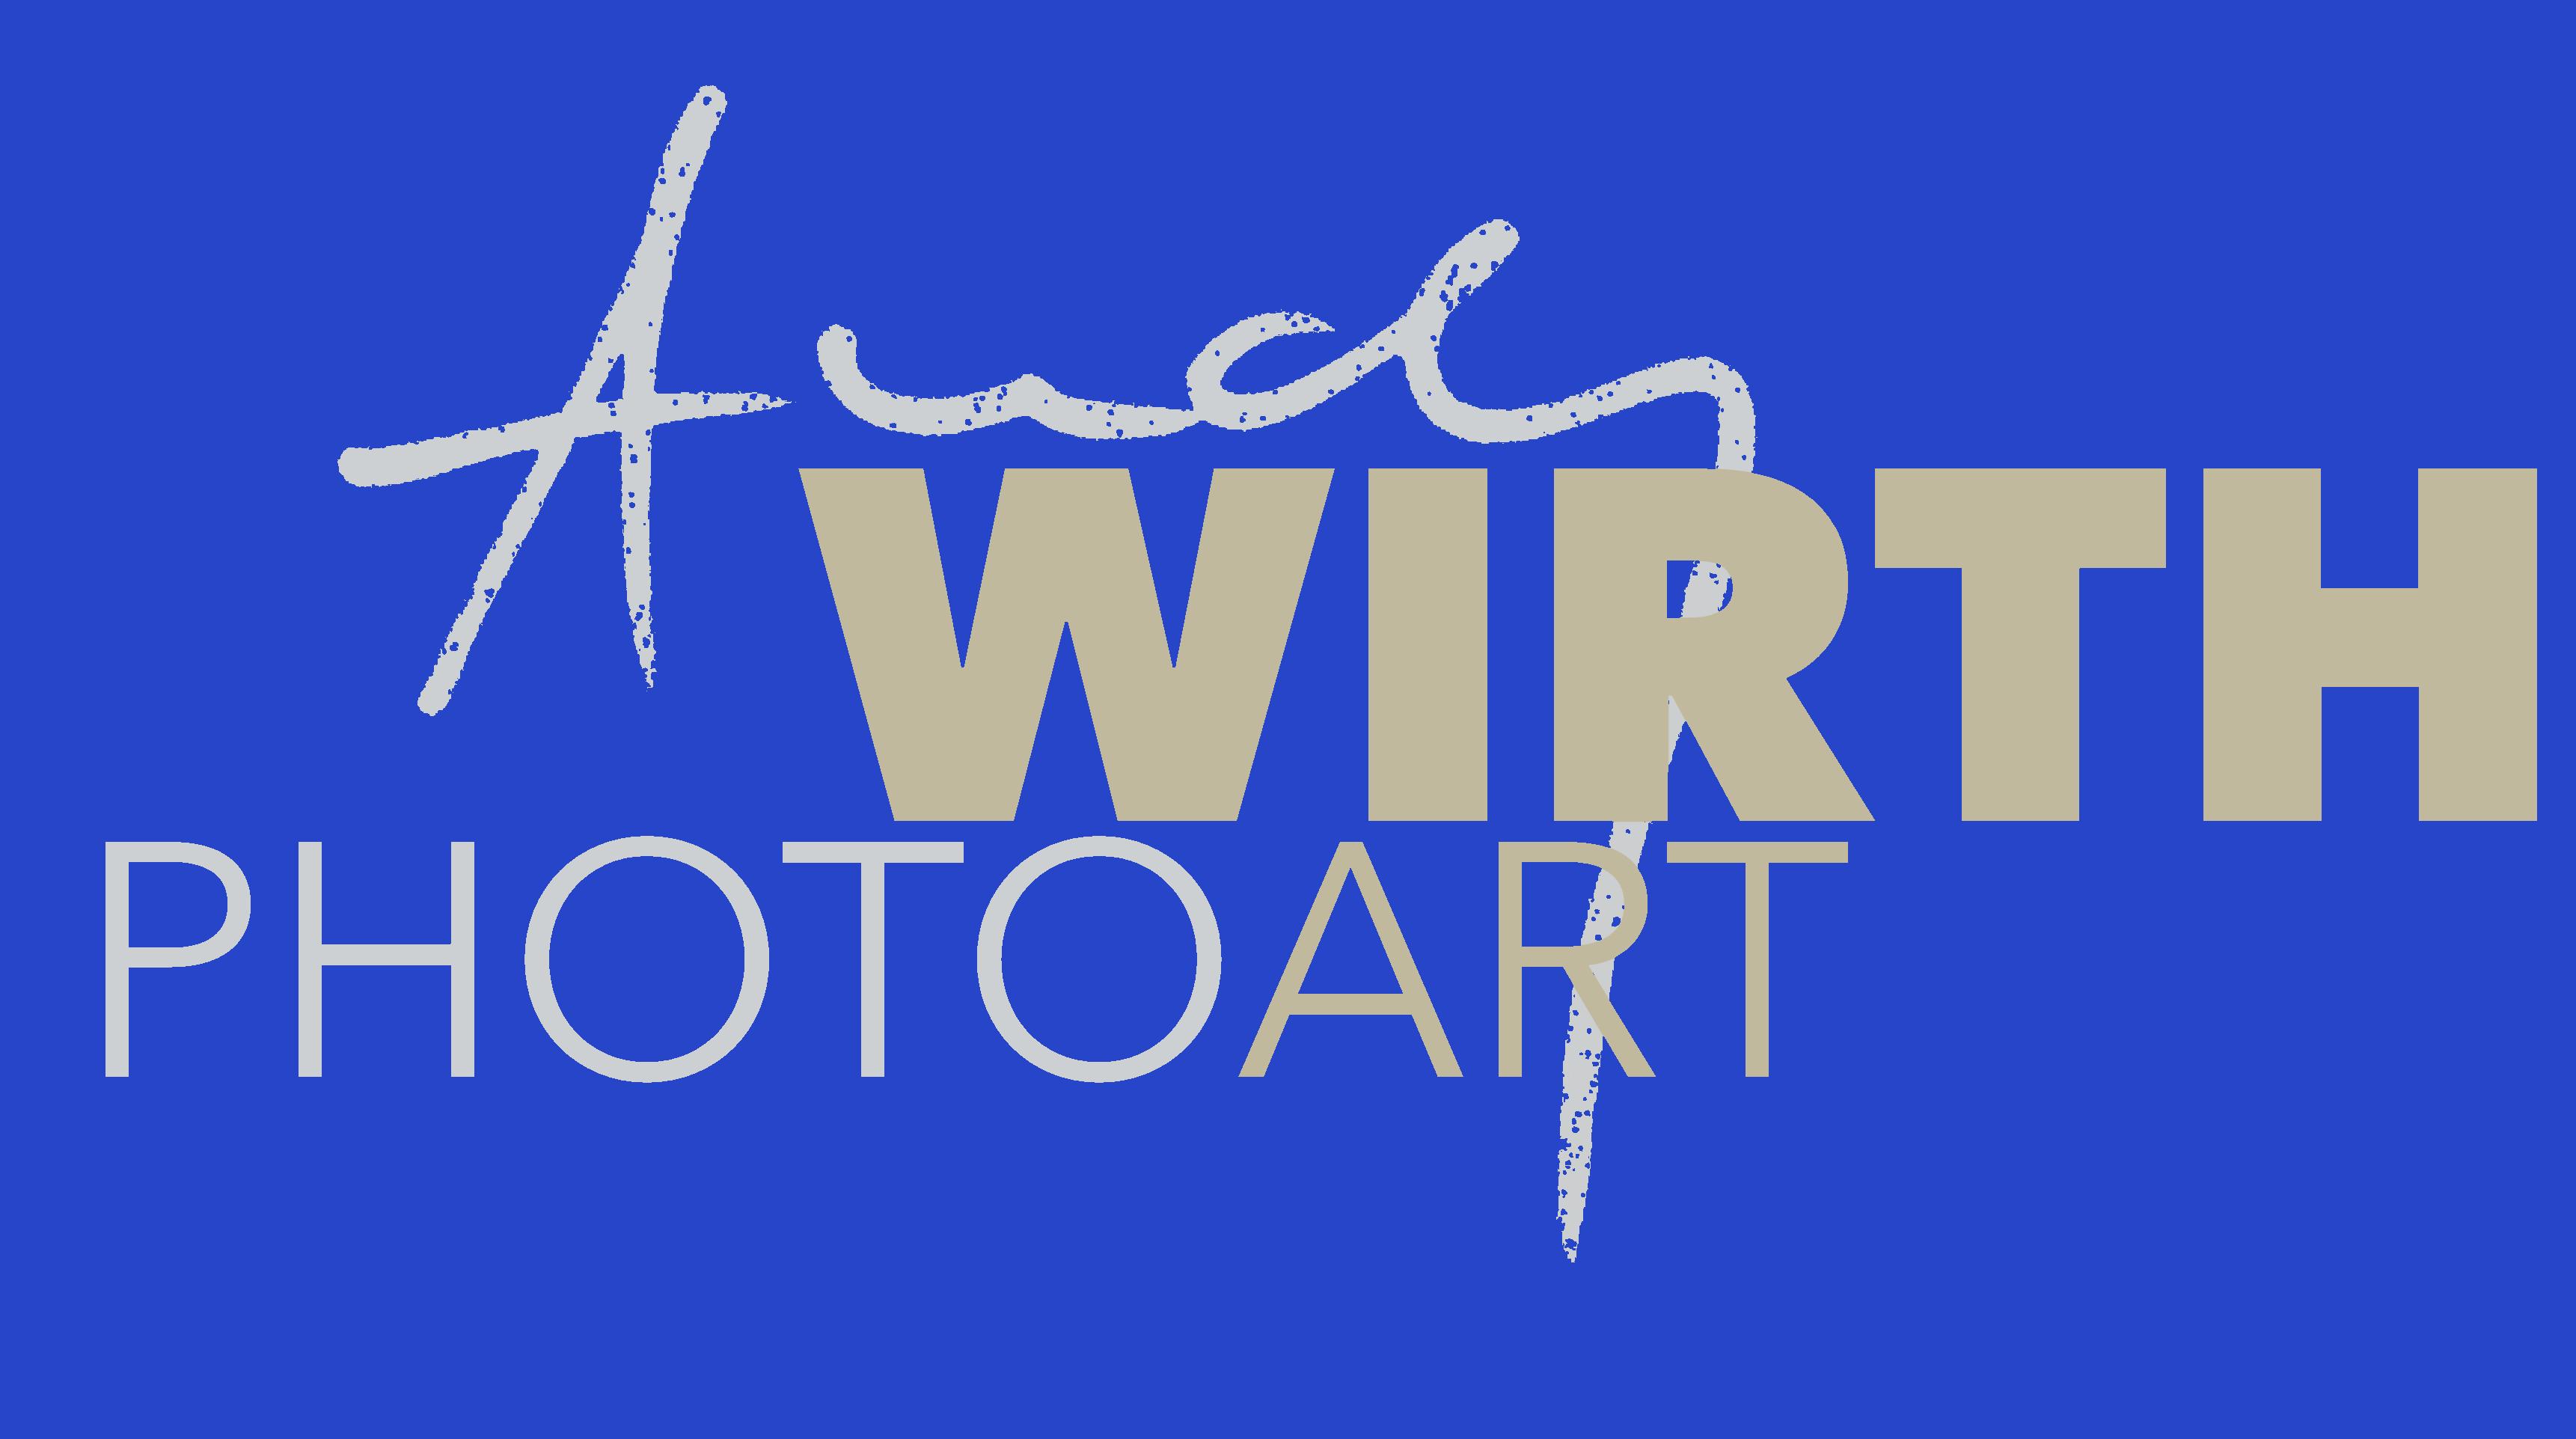 A.J. Wirth PhotoART